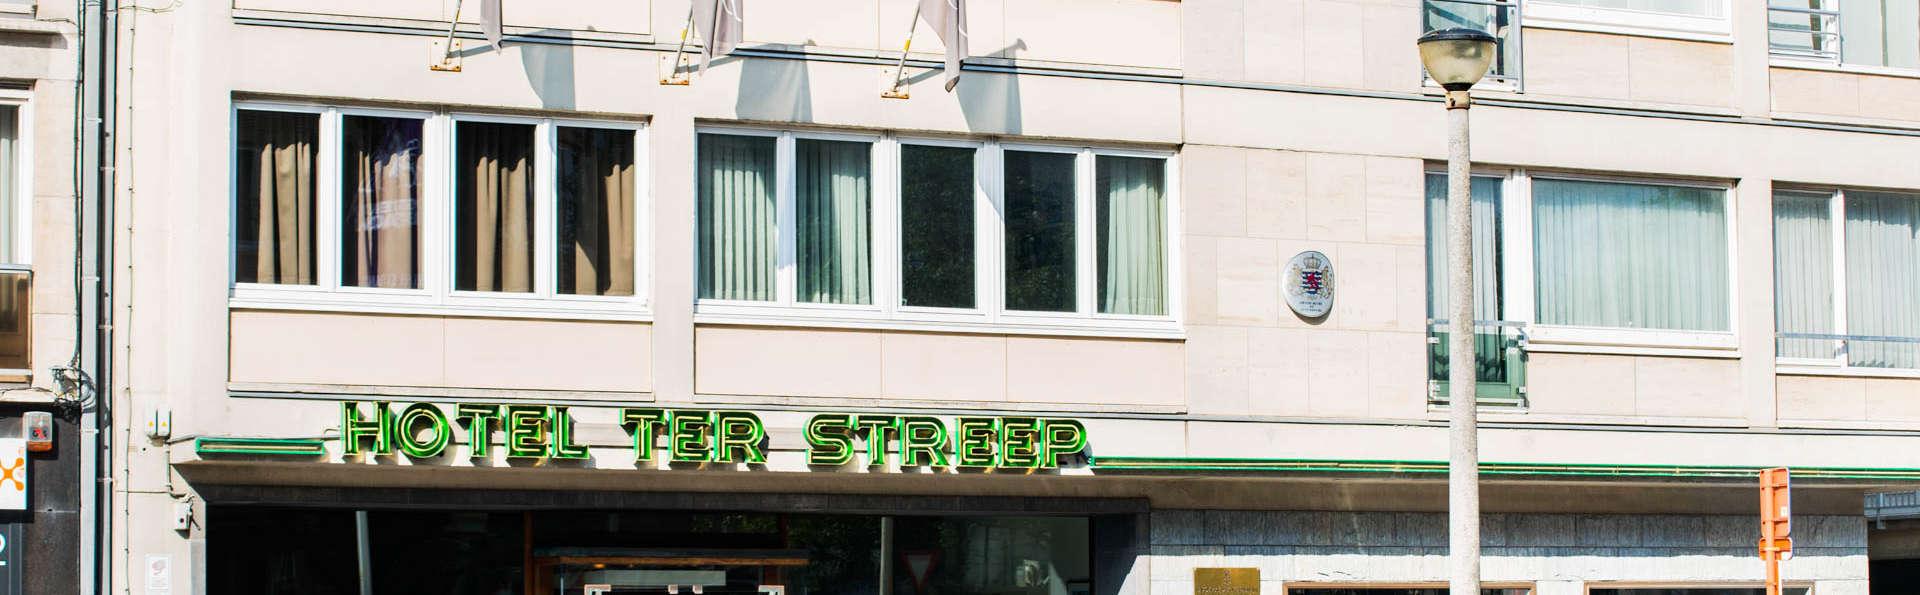 Hotel Ter Streep - EDIT_N3_FRONT.jpg